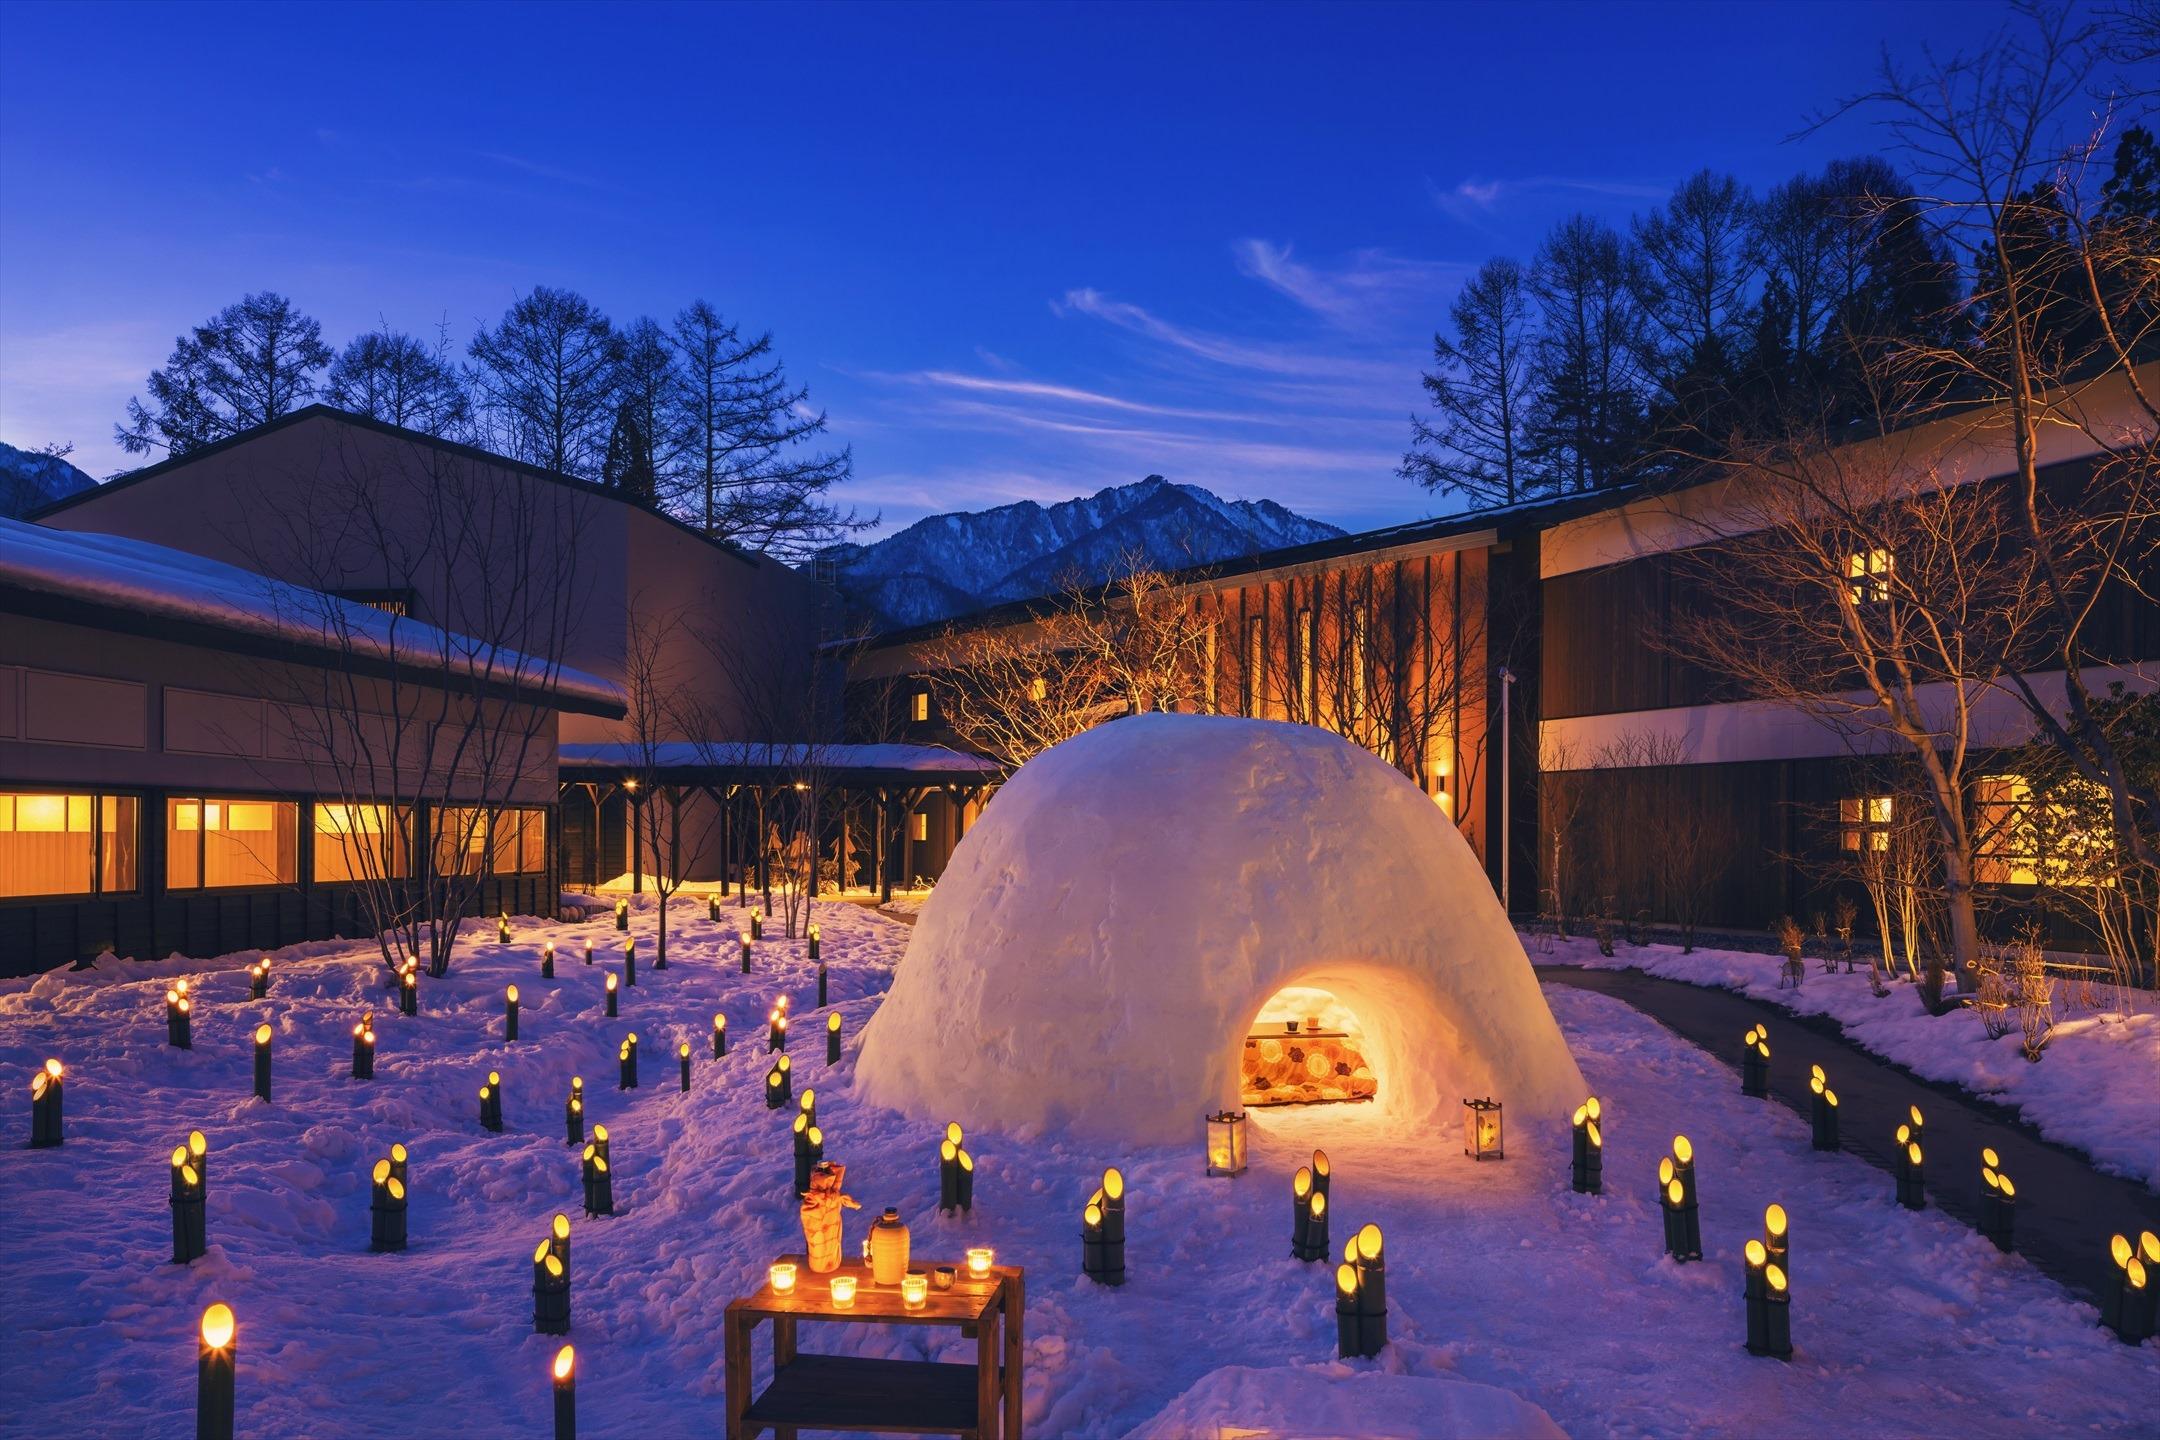 hoshino-kai-resort-aomoi-%e6%98%9f%e9%87%8e%e3%83%aa%e3%82%be%e3%83%bc%e3%83%88%e7%95%8c%e9%9d%92%e6%a3%ae-4